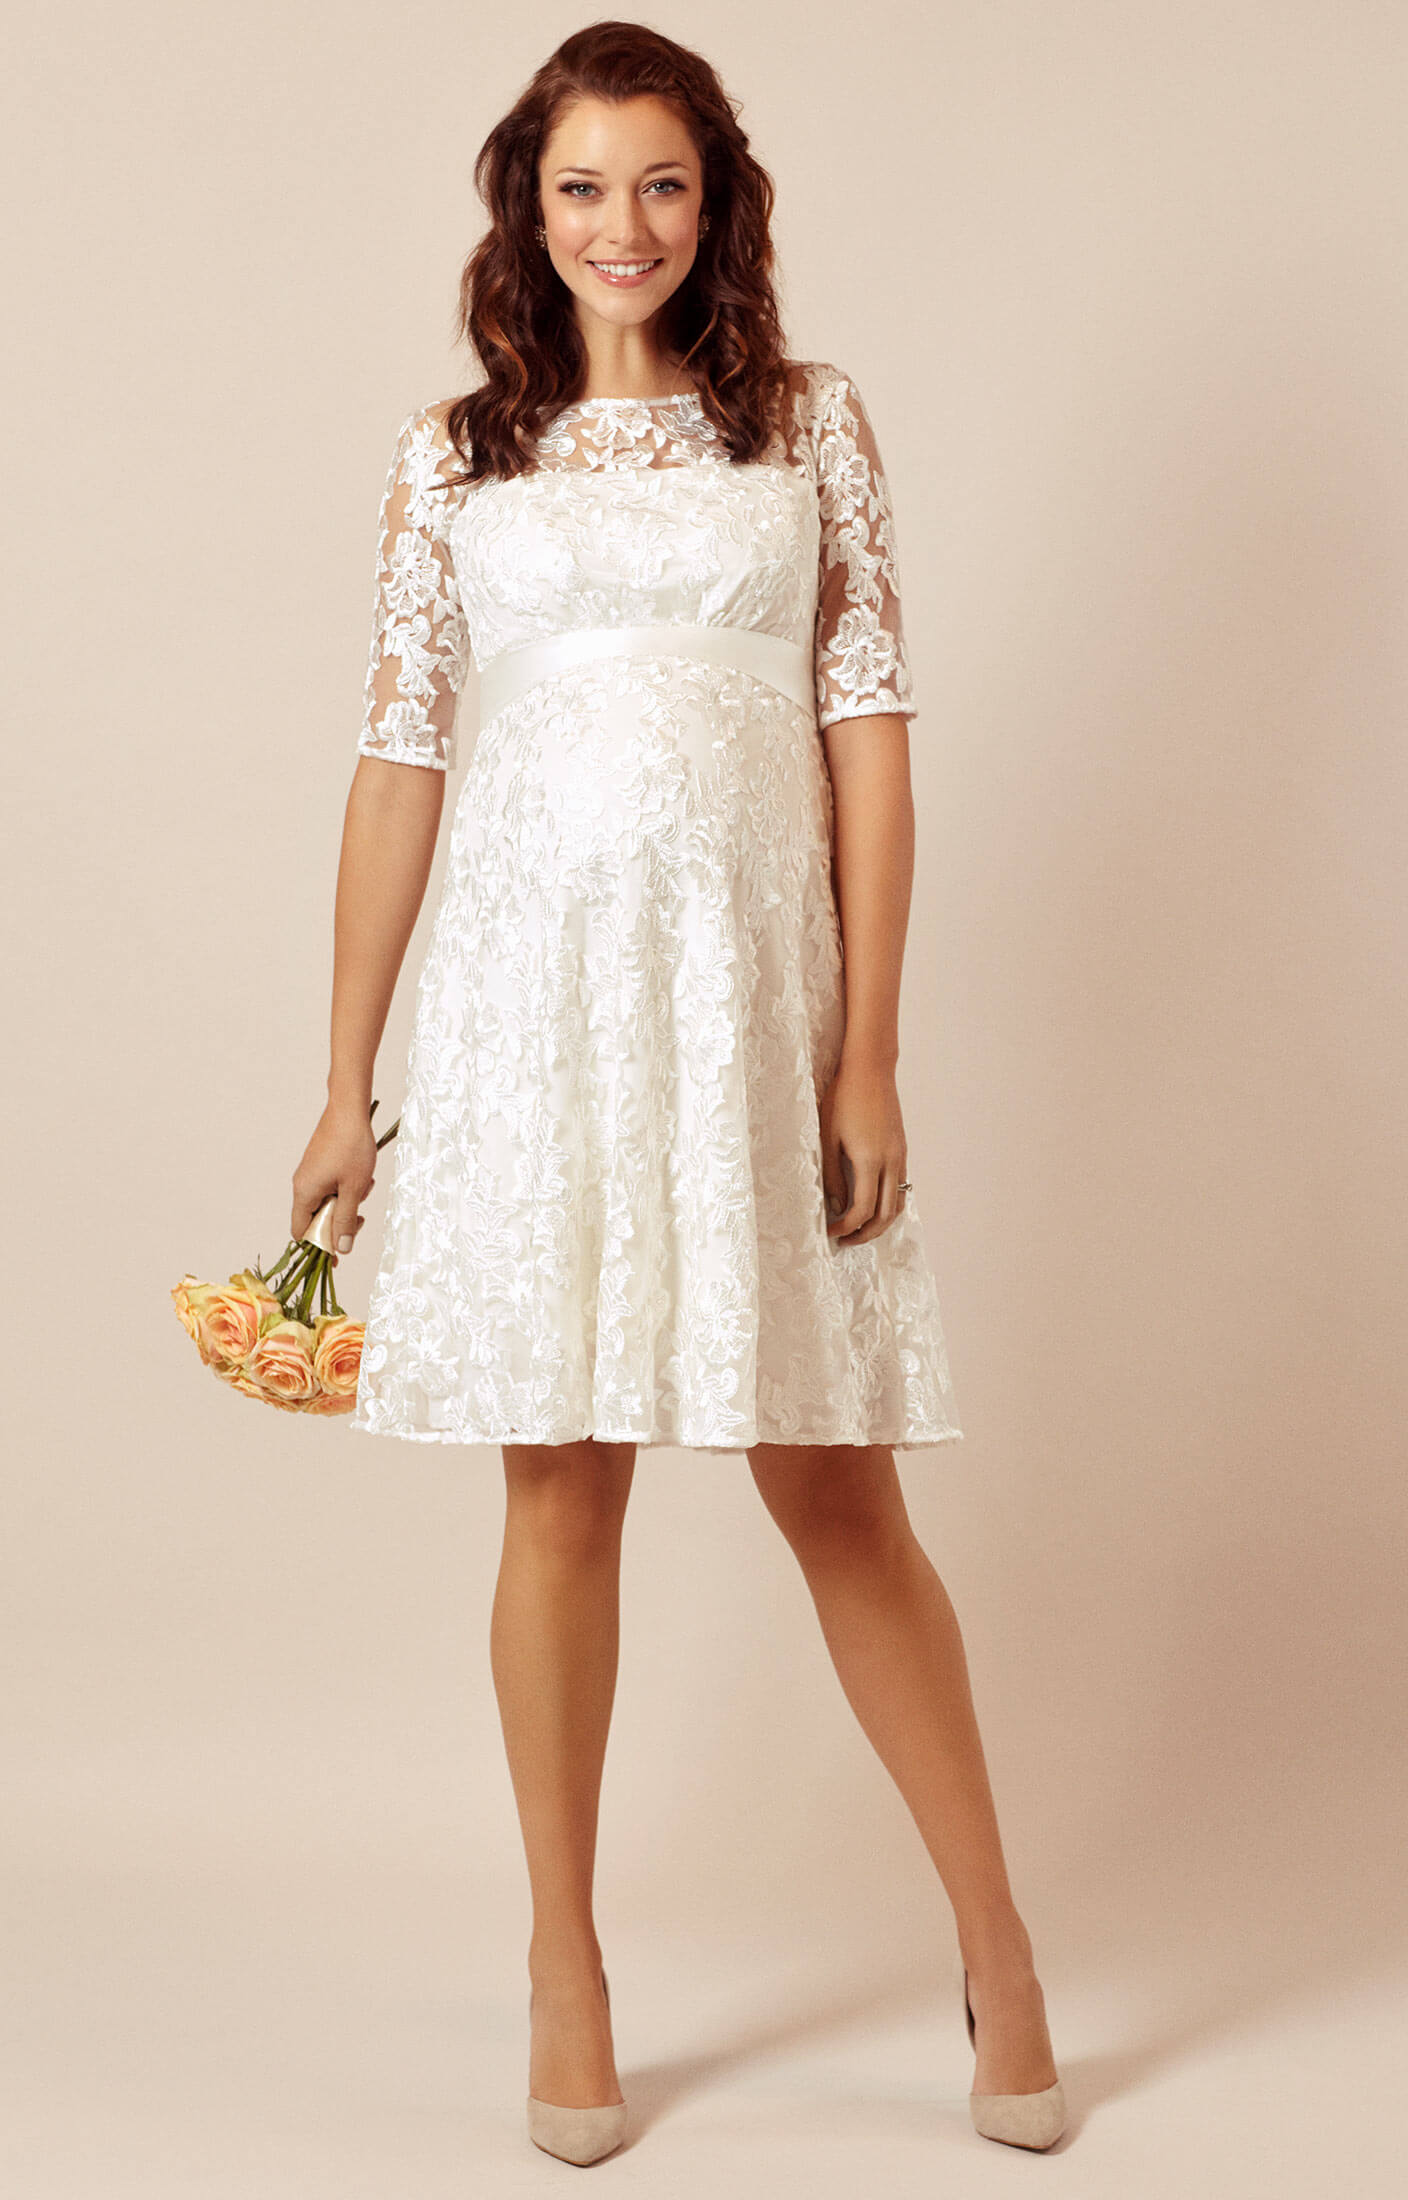 Asha UmstandsmodenHochzeitskleid In Elfenbein  Umstandshochzeitskleider Abendgarderobe und